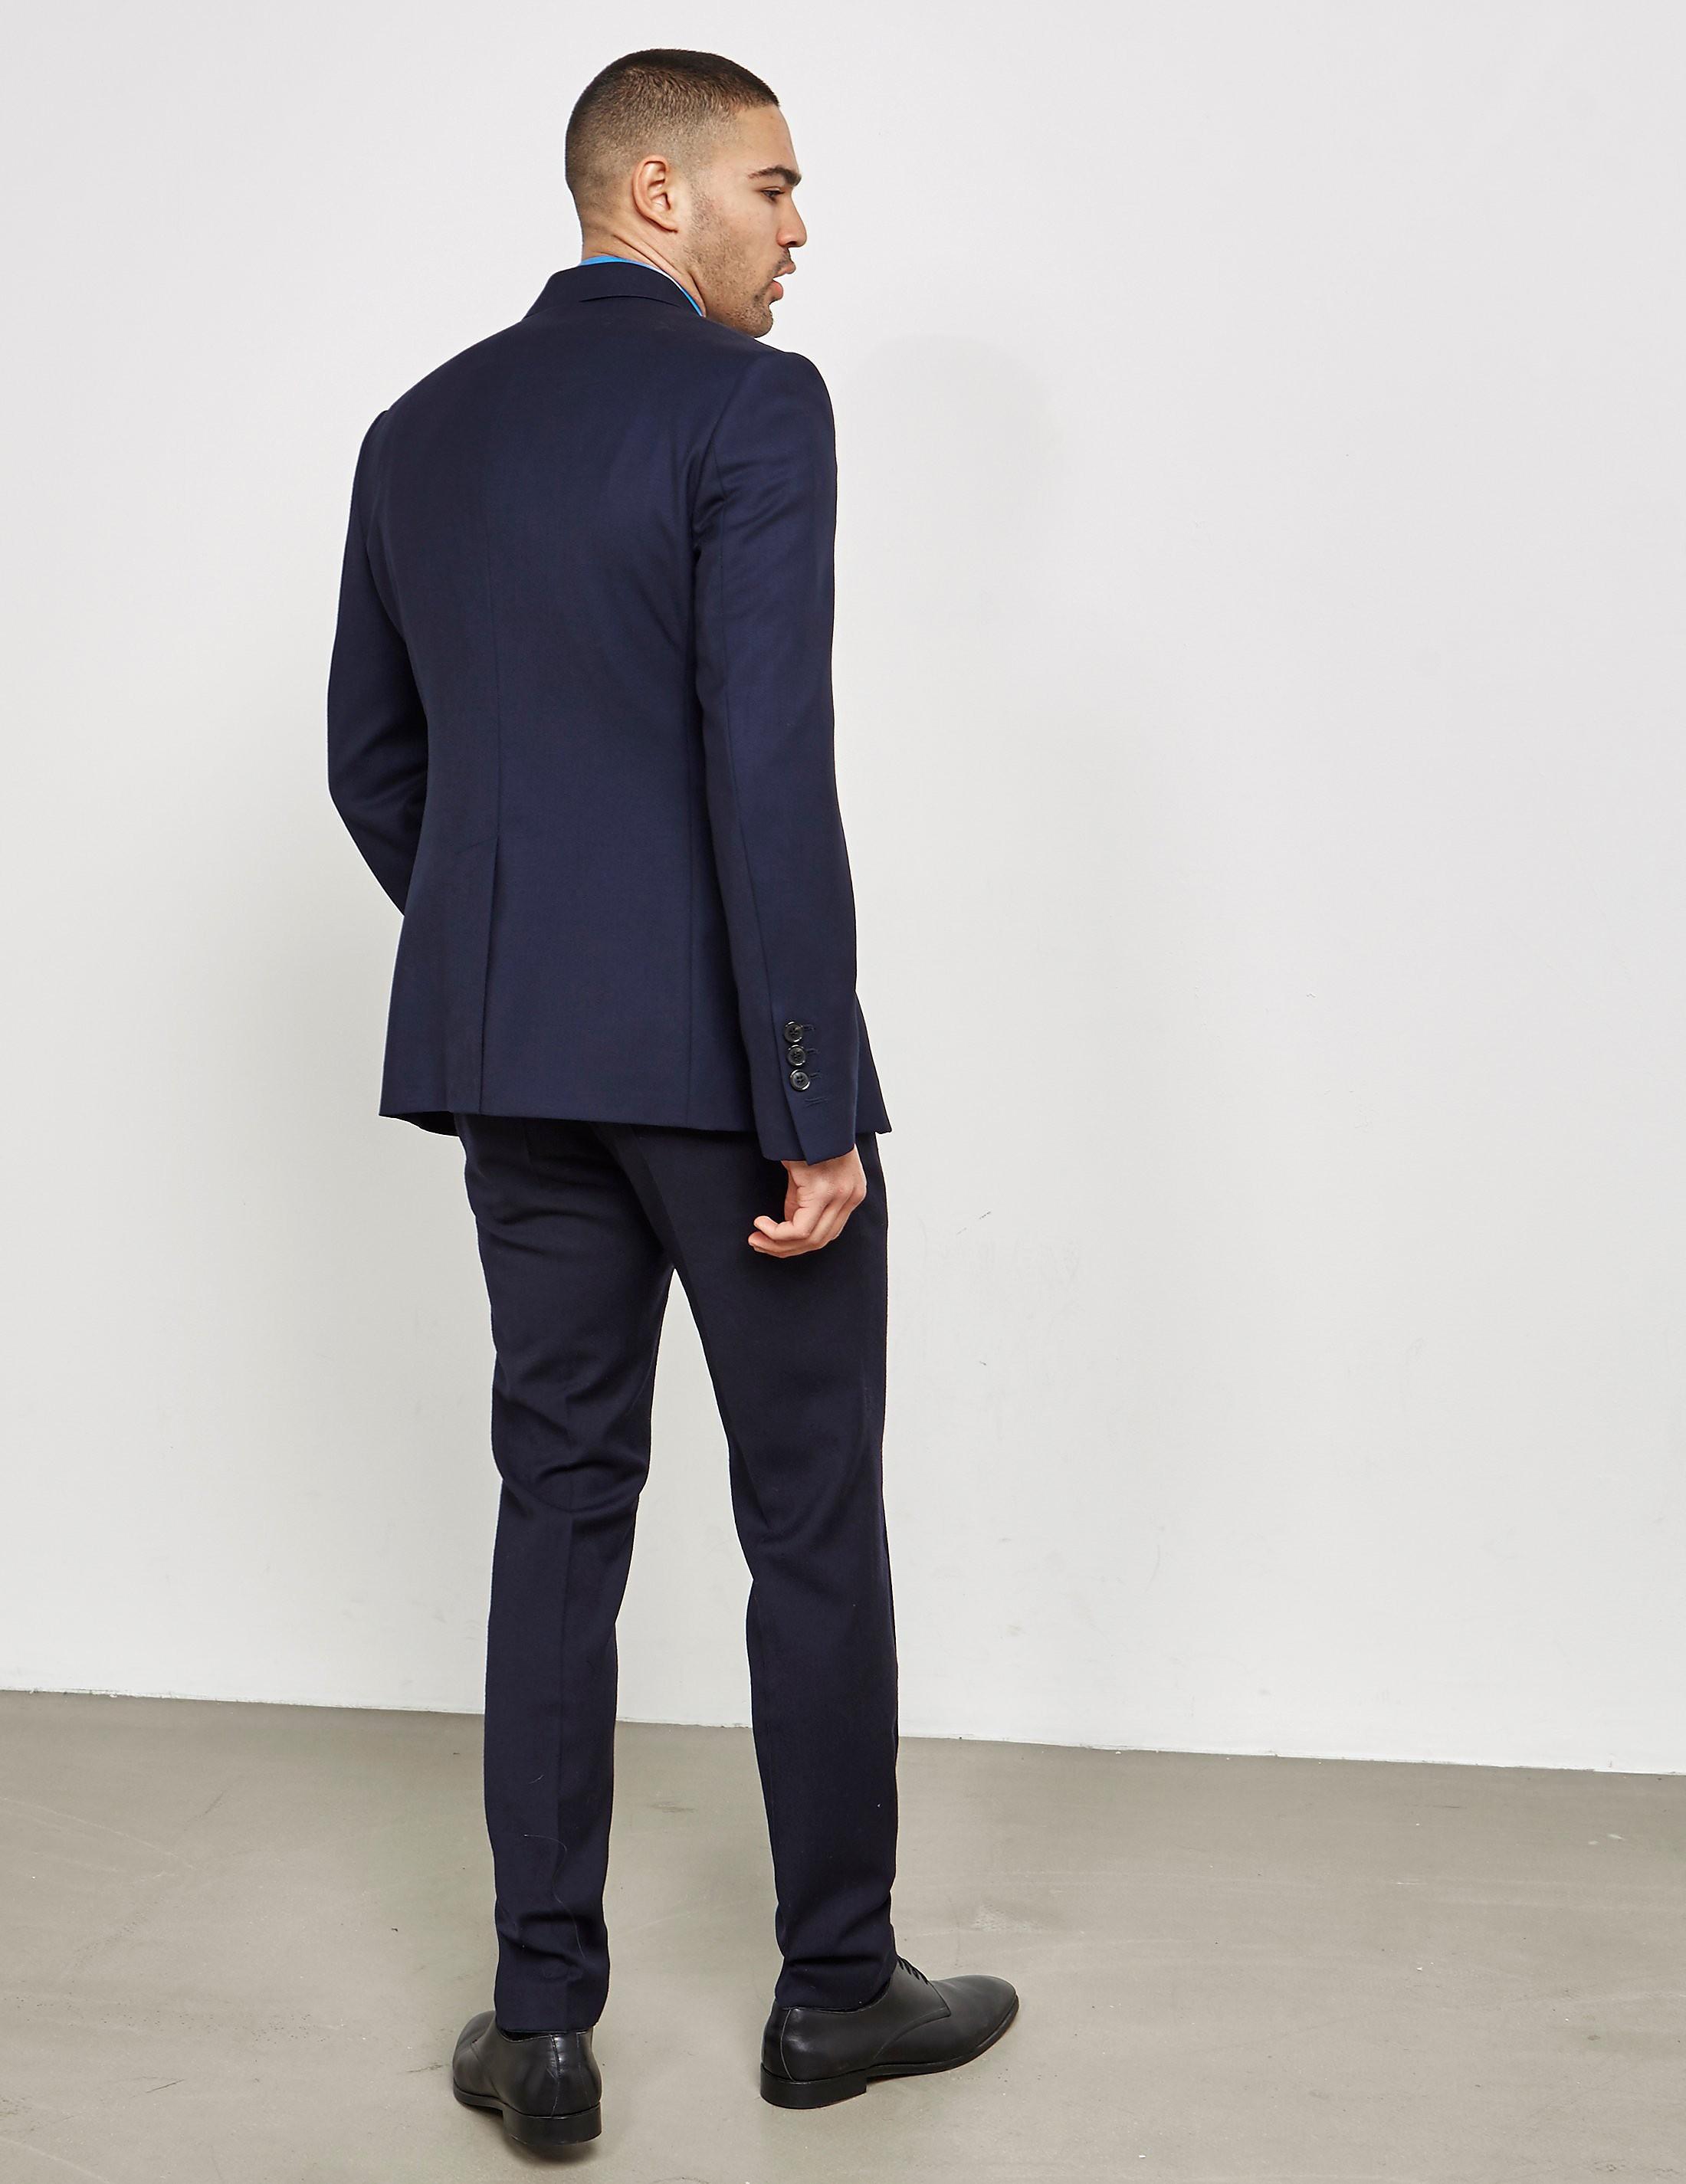 Vivienne Westwood 2 in 1 Suit Jacket